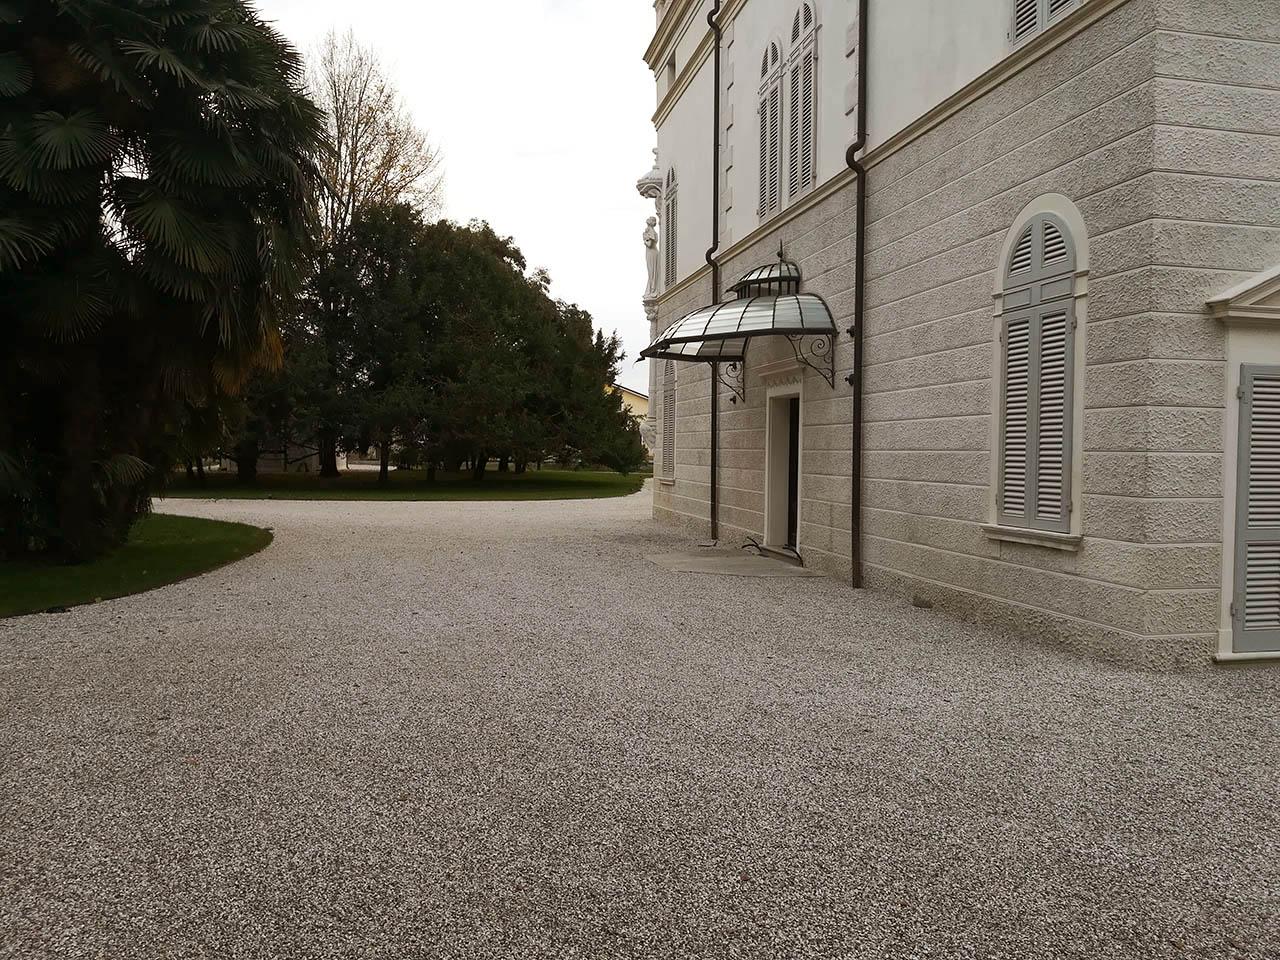 pavimentazione Villa Gritti venezia